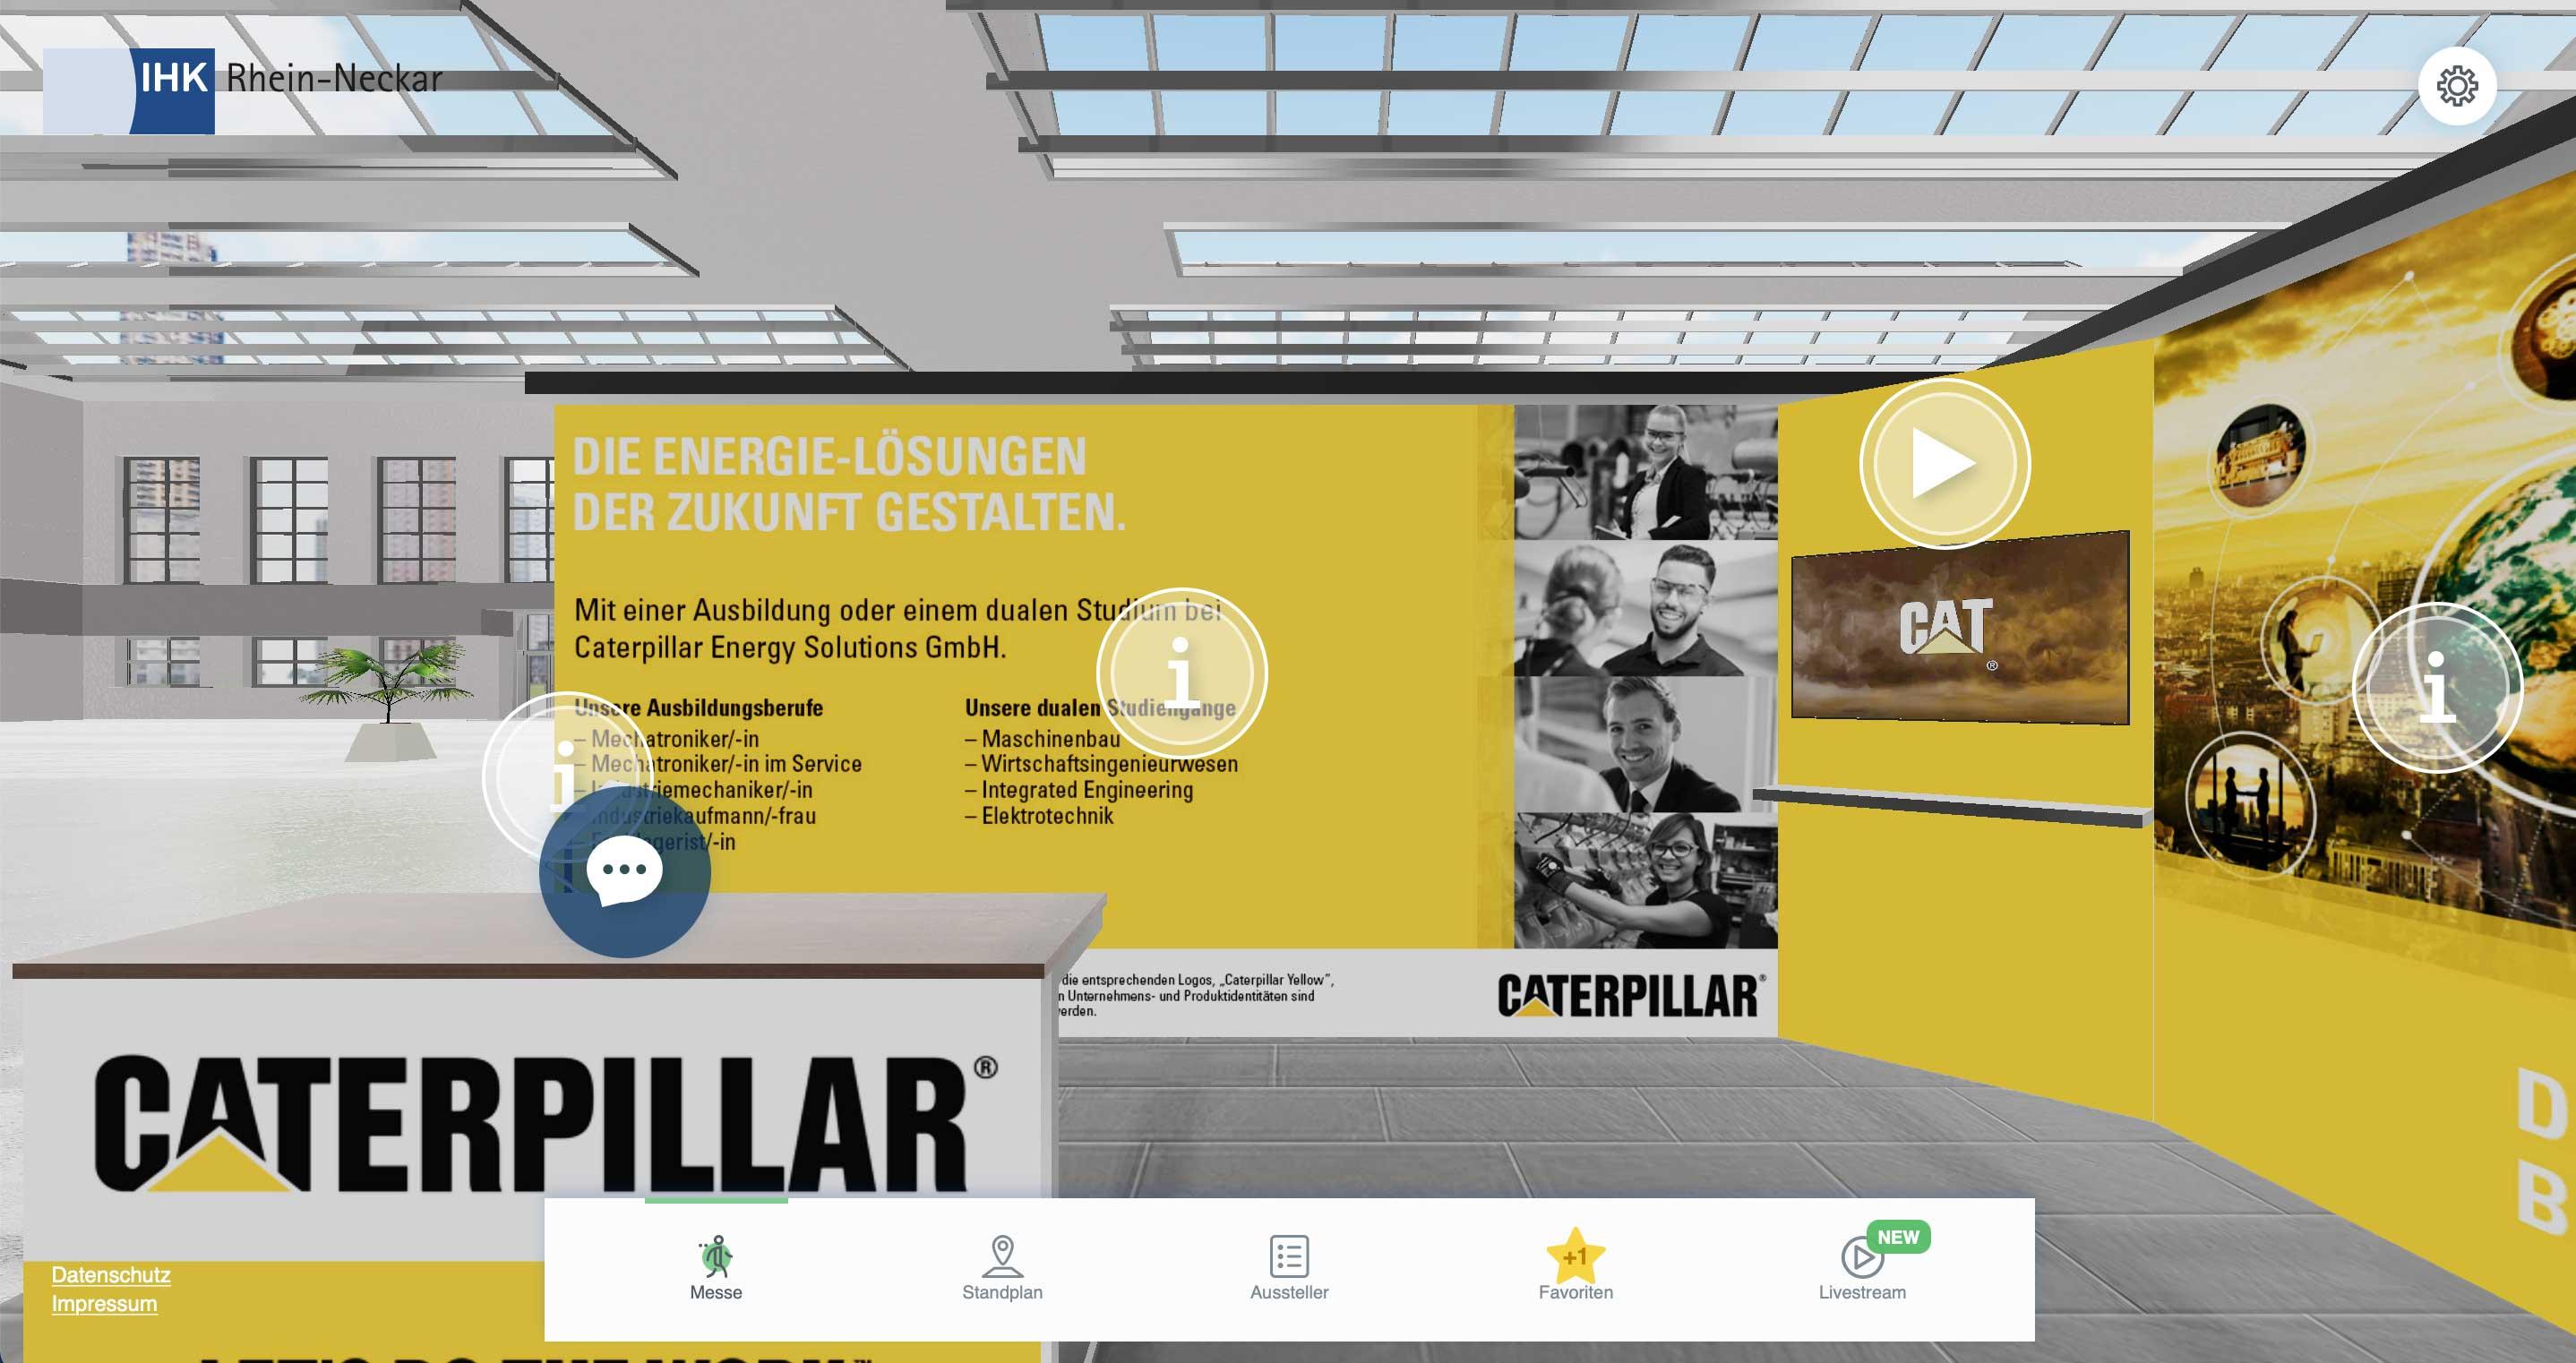 Caterpillar Energy Solutions auf der virtuellen Ausbildungsmesse der IHK Rhein Neckar